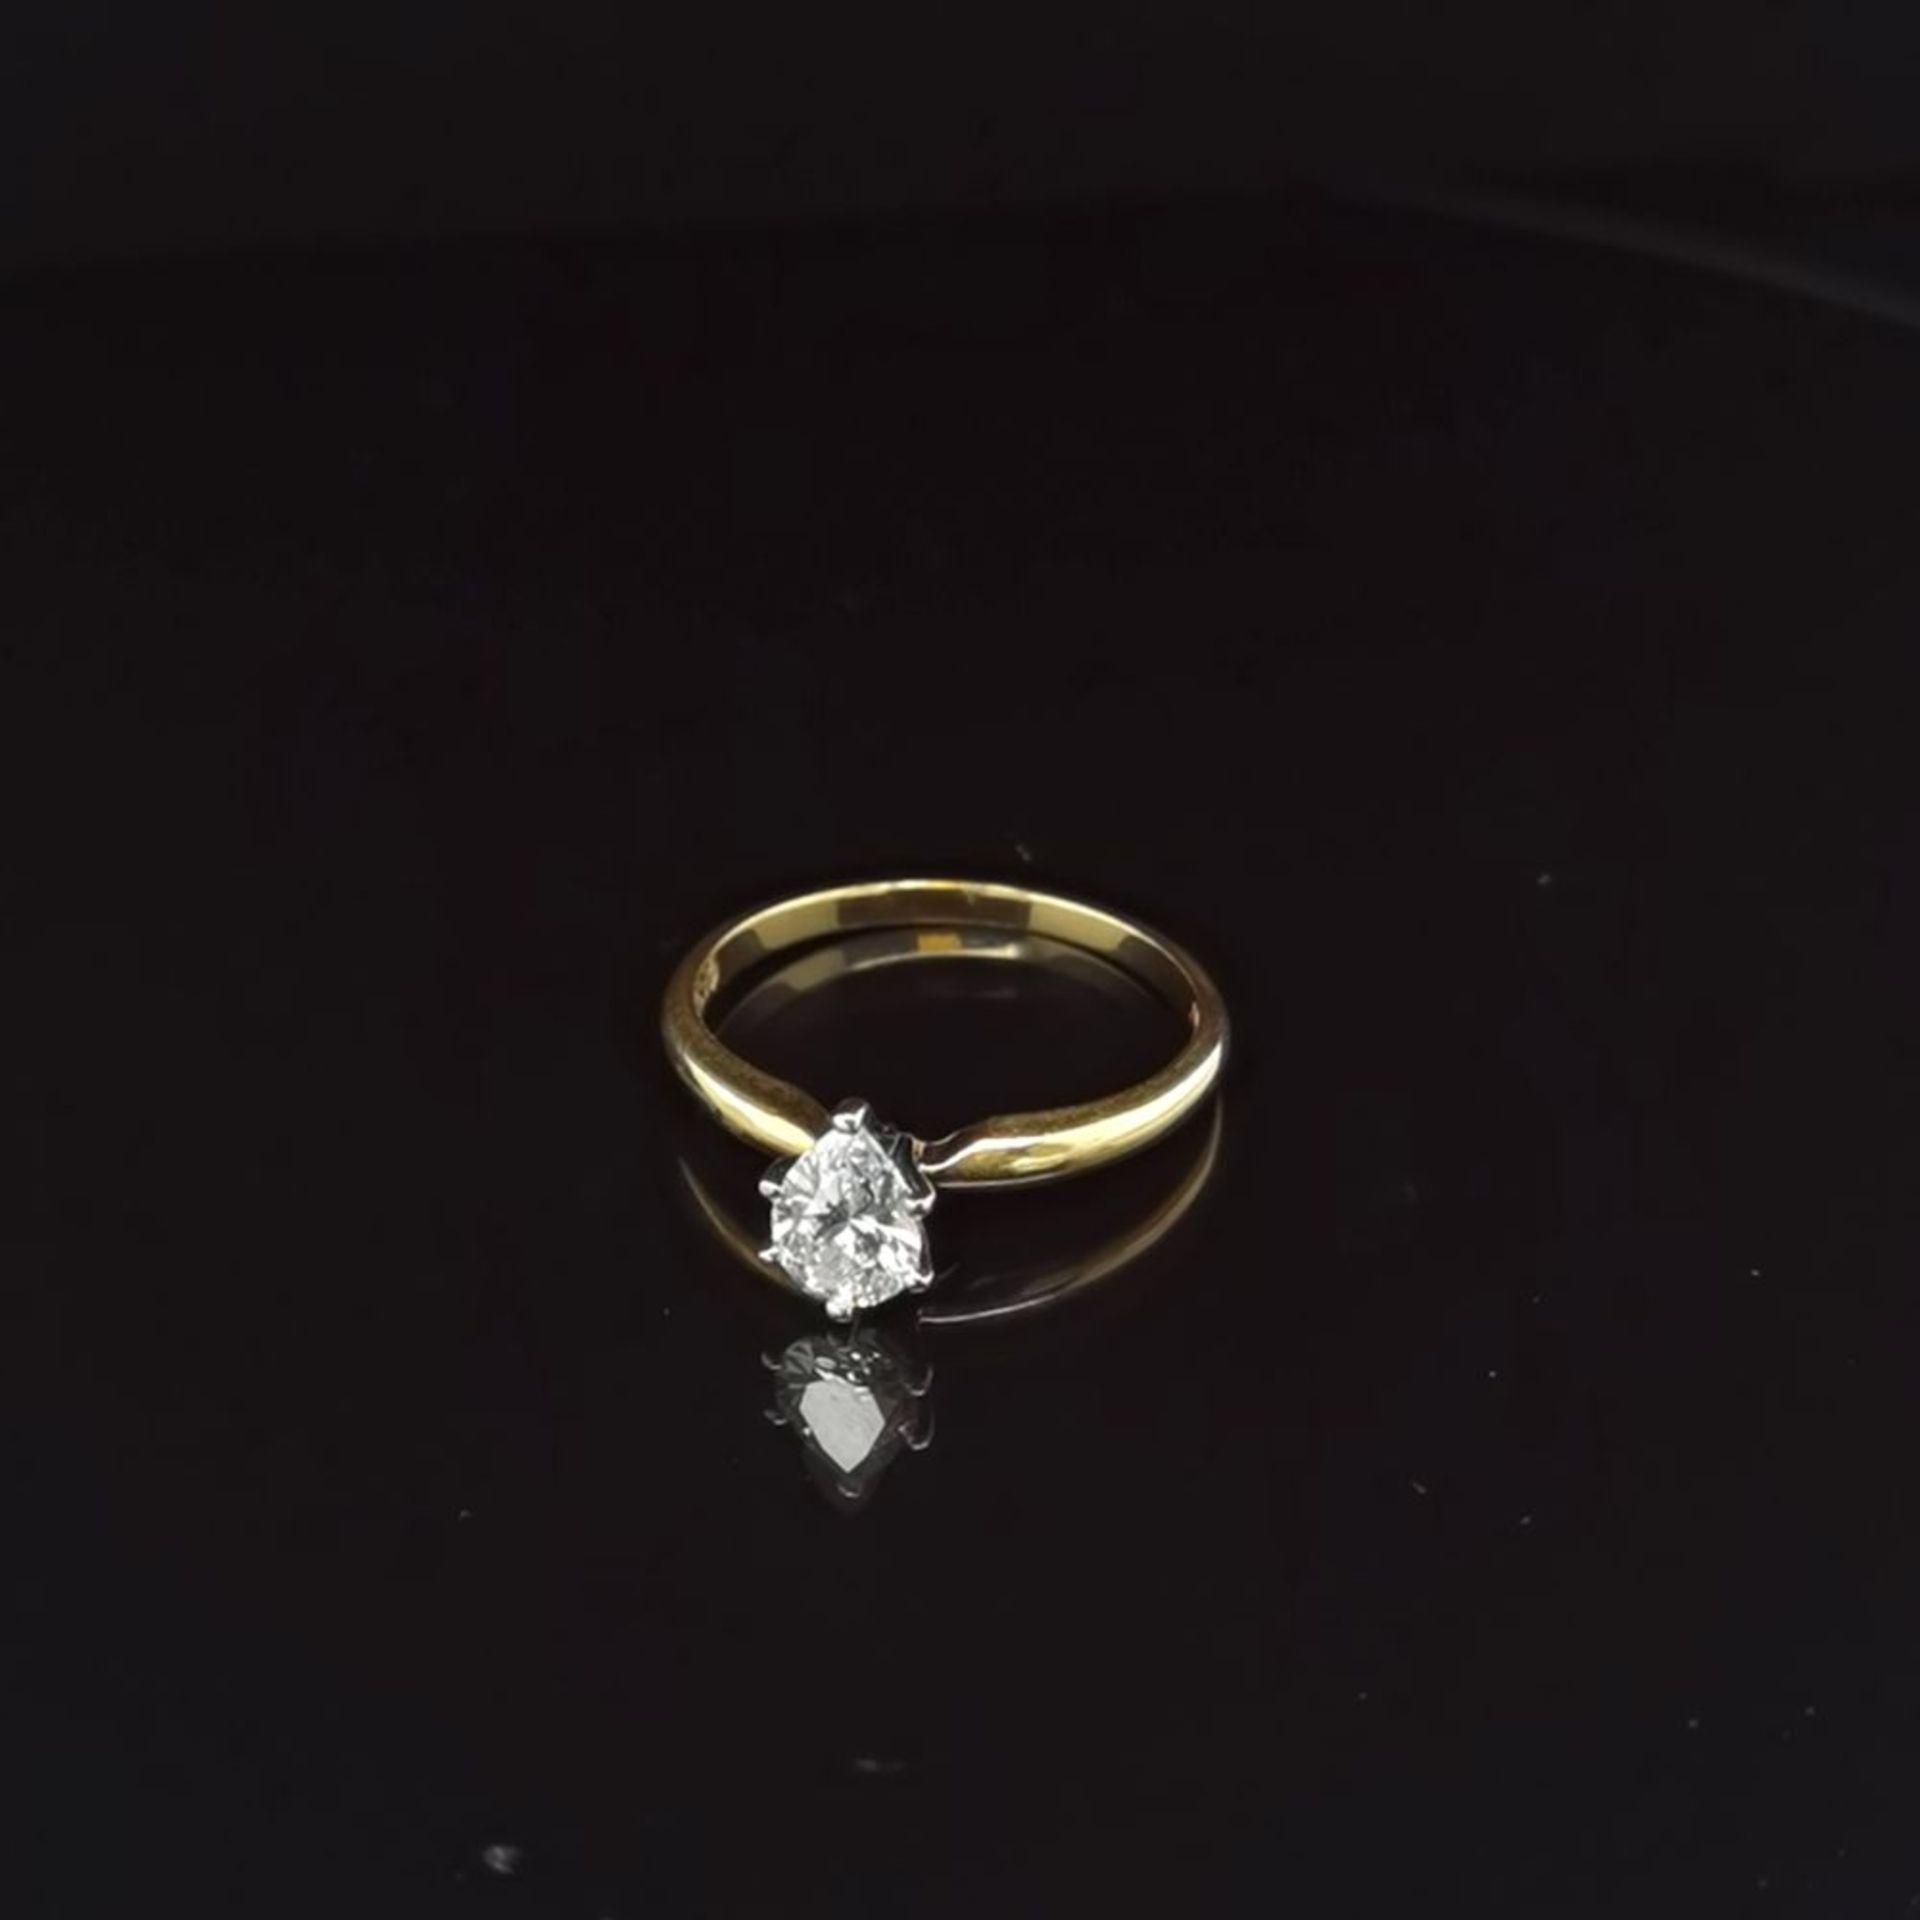 Diamant-Solitaire, 750 Gelbgold 2,5